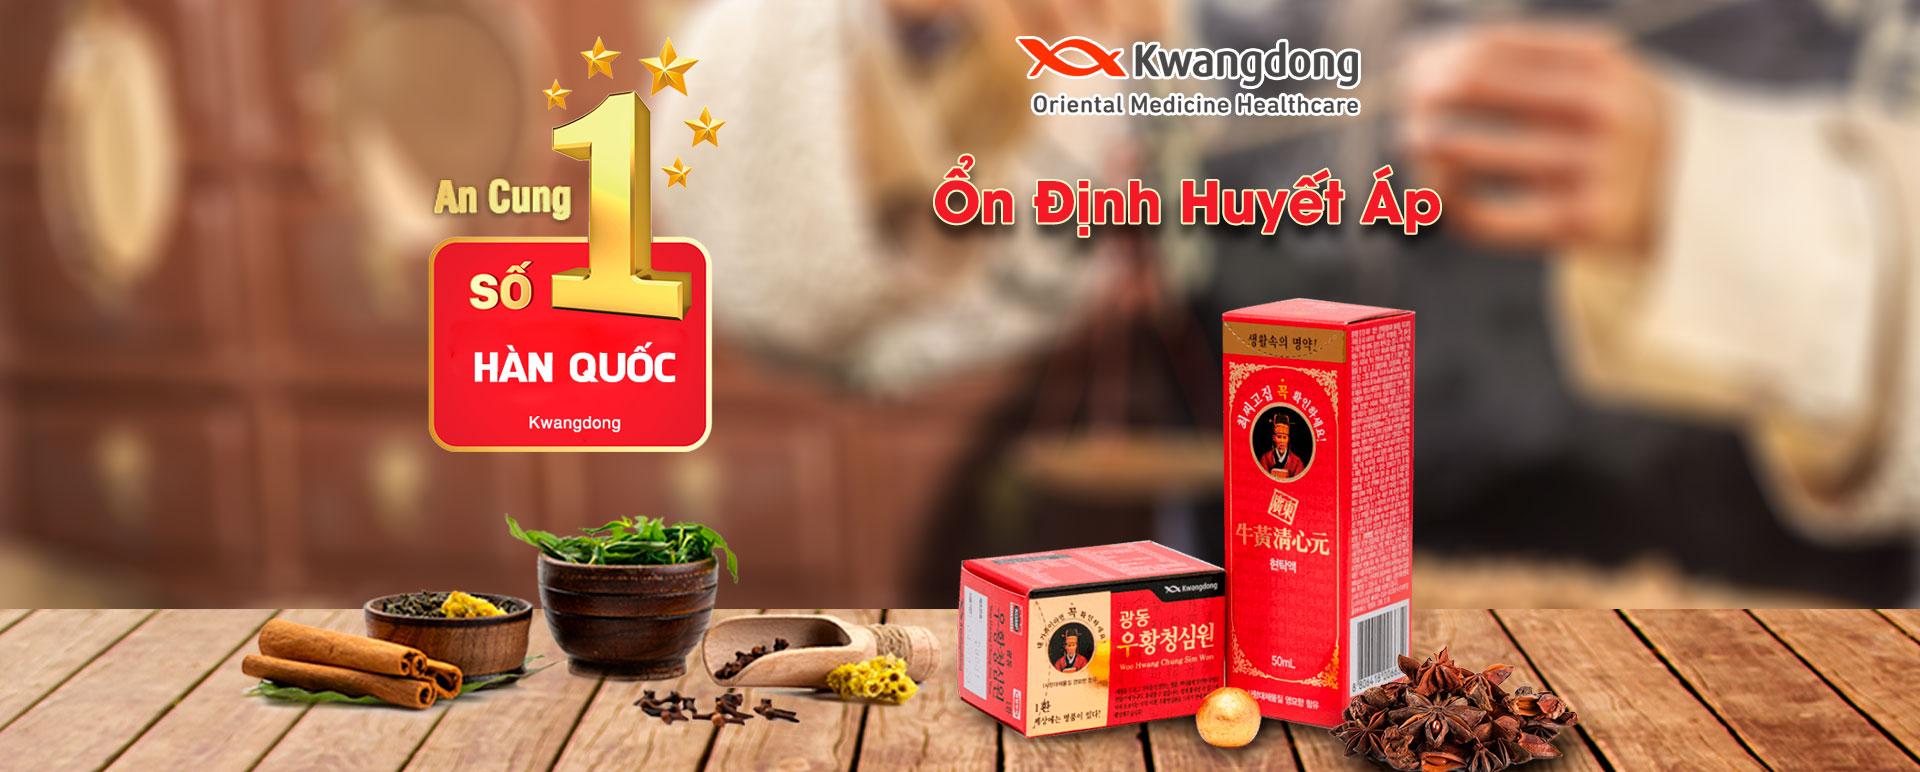 Dự án website Vũ Hoàng Thanh Tâm